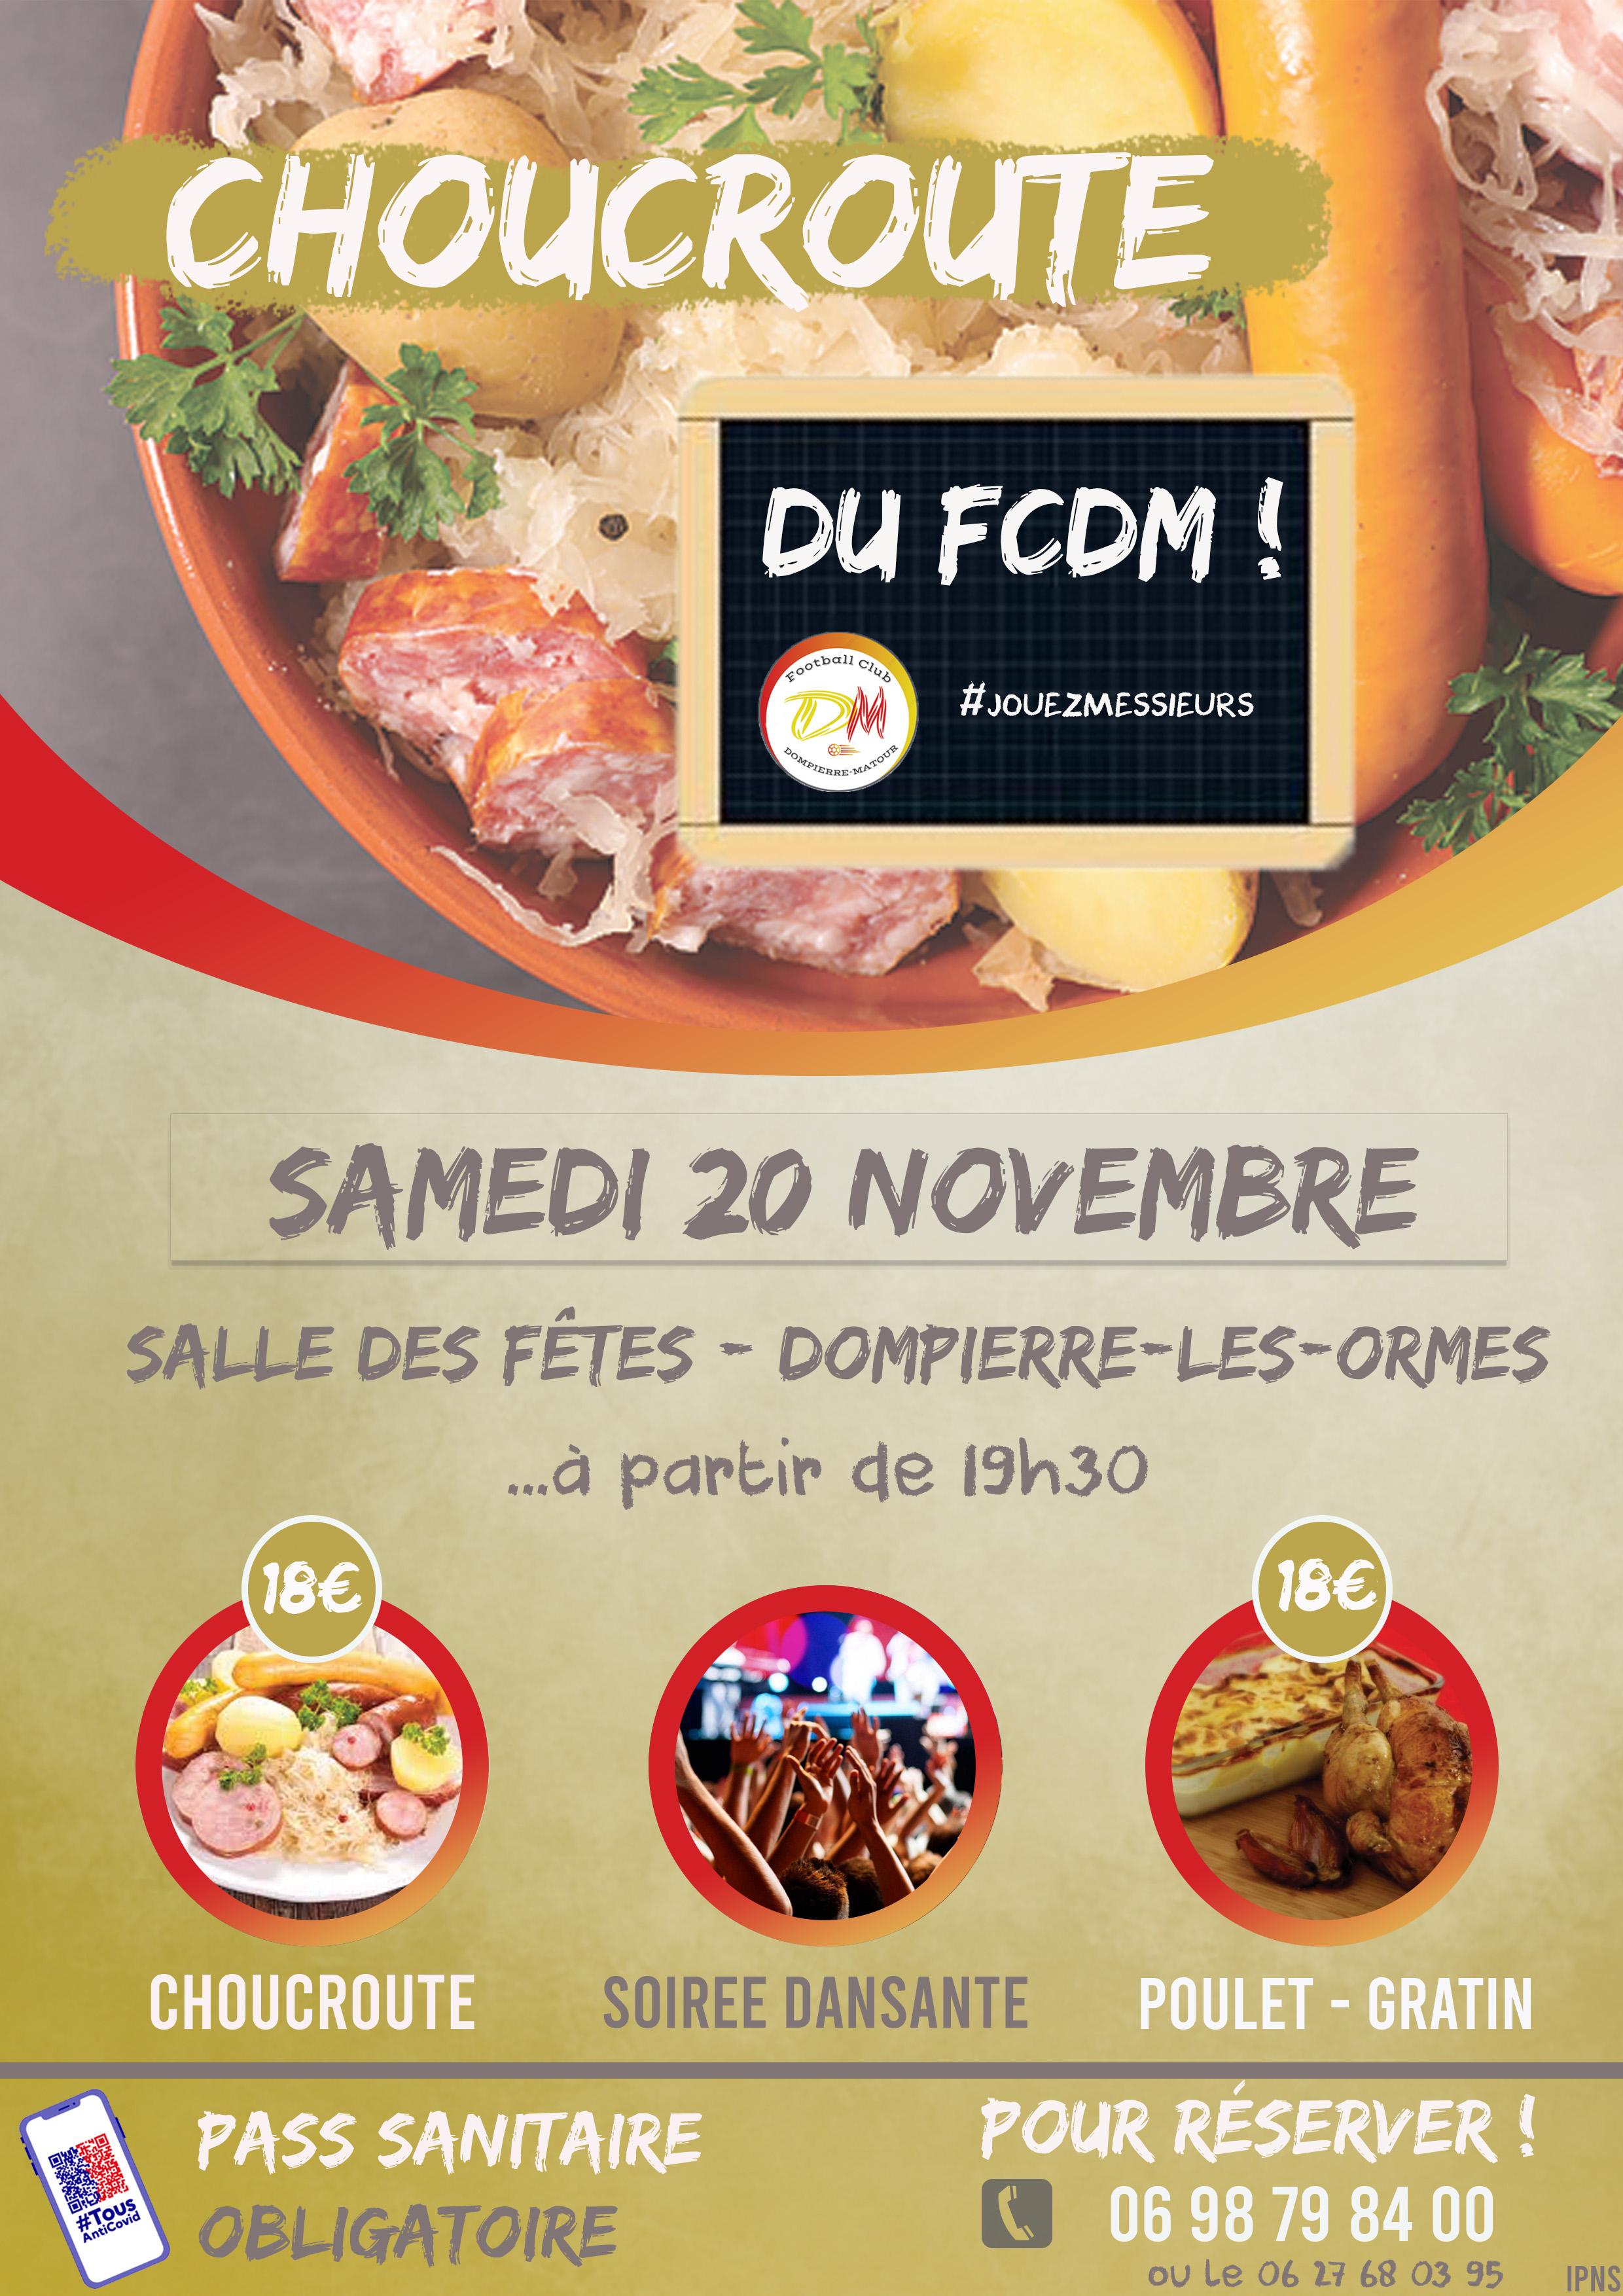 Choucroute du FCDM – Samedi 20 novembre : VENEZ NOMBREUX